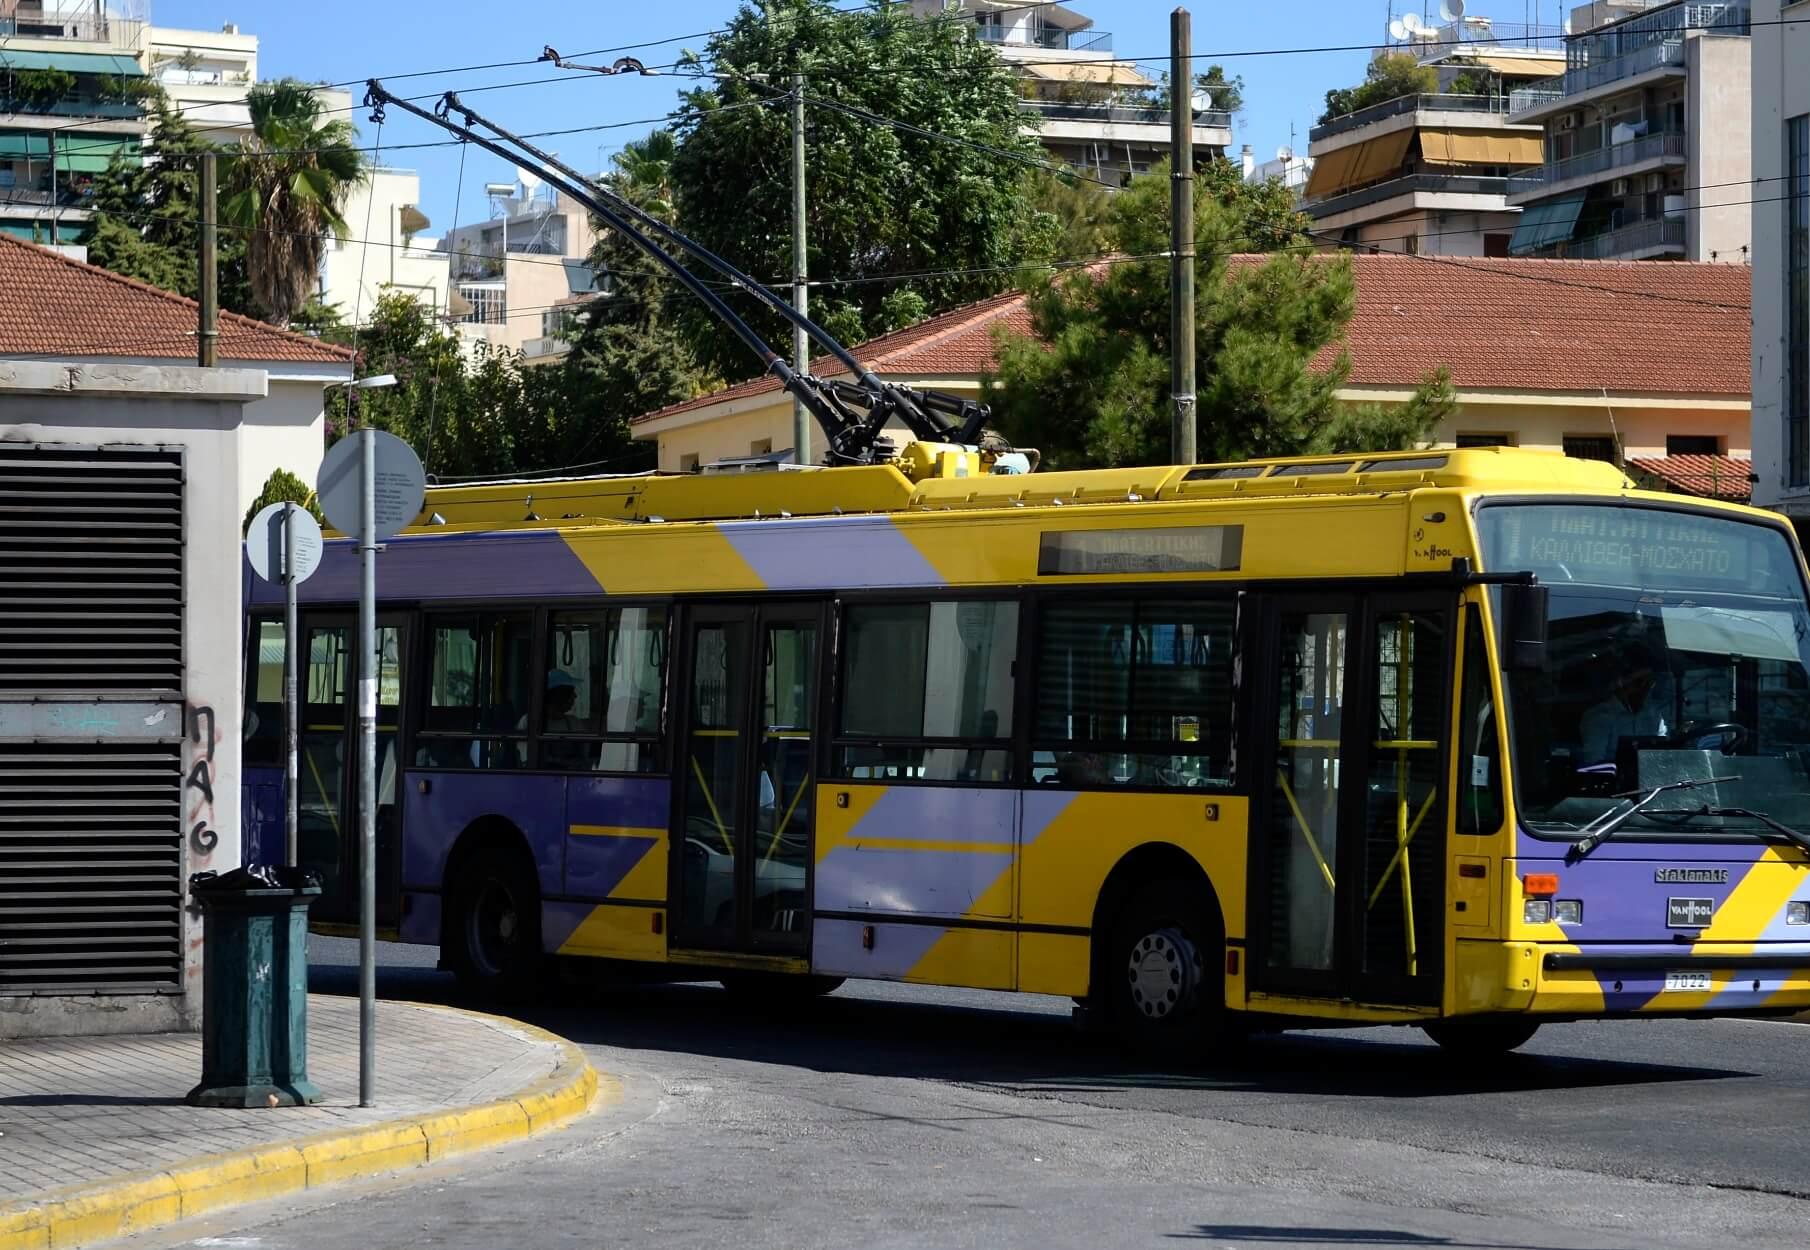 ΠΡΟΣΟΧΗ: Πως θα κινηθούν σήμερα Μεγάλο Σάββατο λεωφορεία και τρόλεϊ